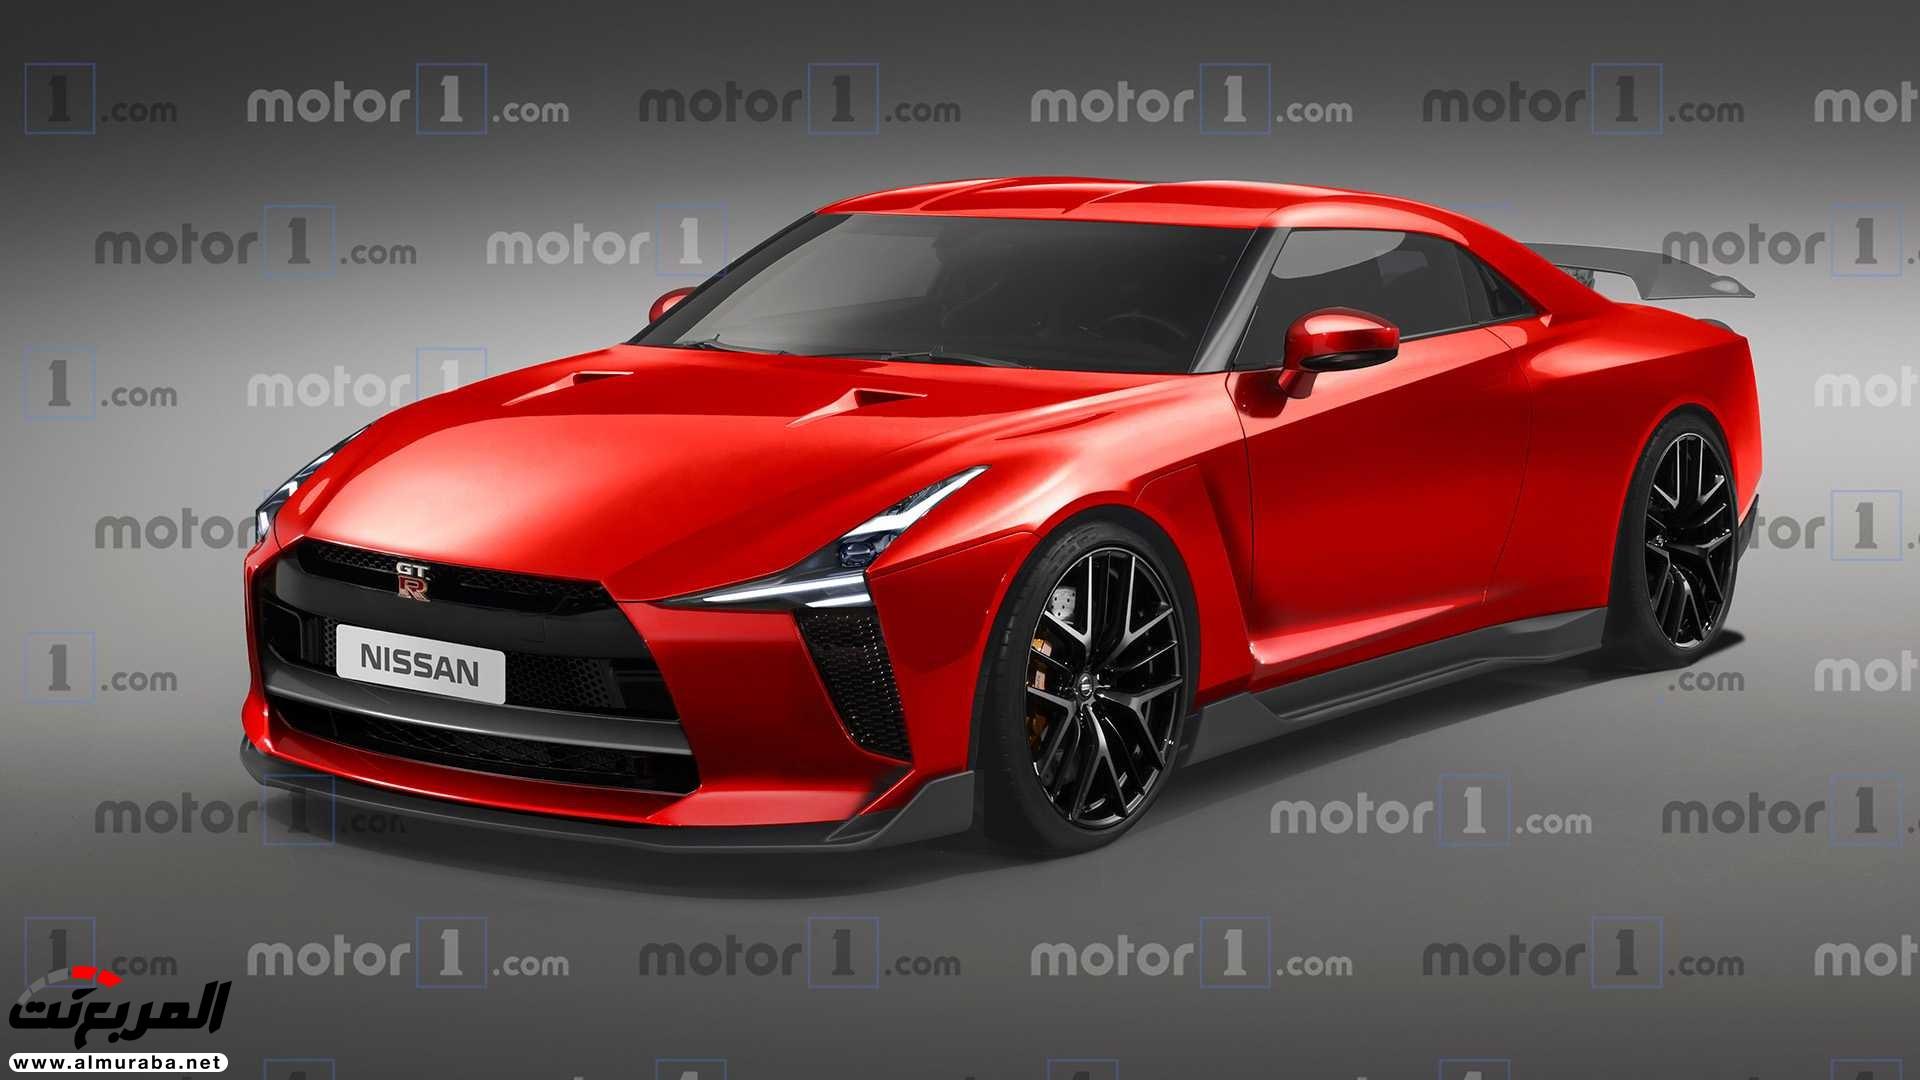 نيسان GT-R القادمة 2020 تظهر في صور تخيلية – المربع نت